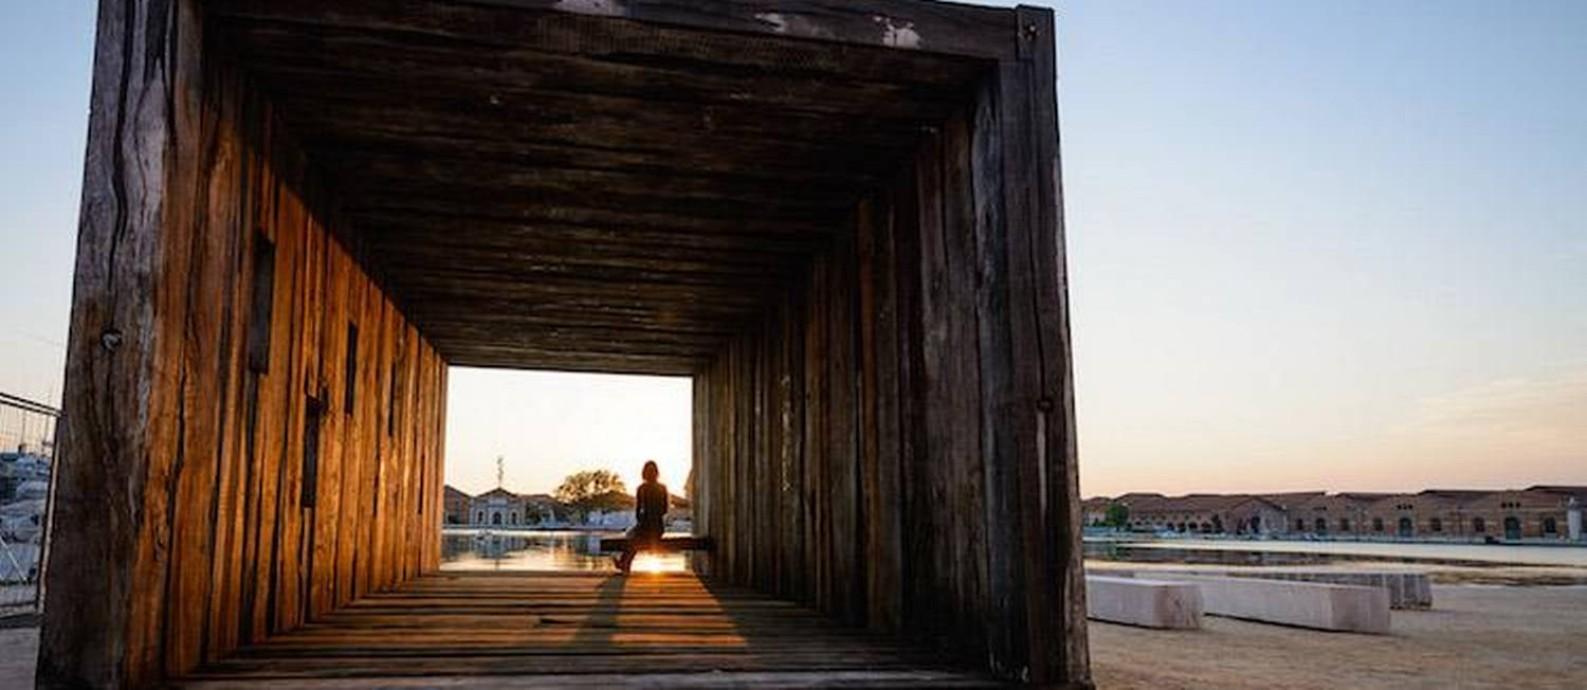 Obra exposta na Bienal de Arquitetura de Veneza de 2016 Foto: Divulgação